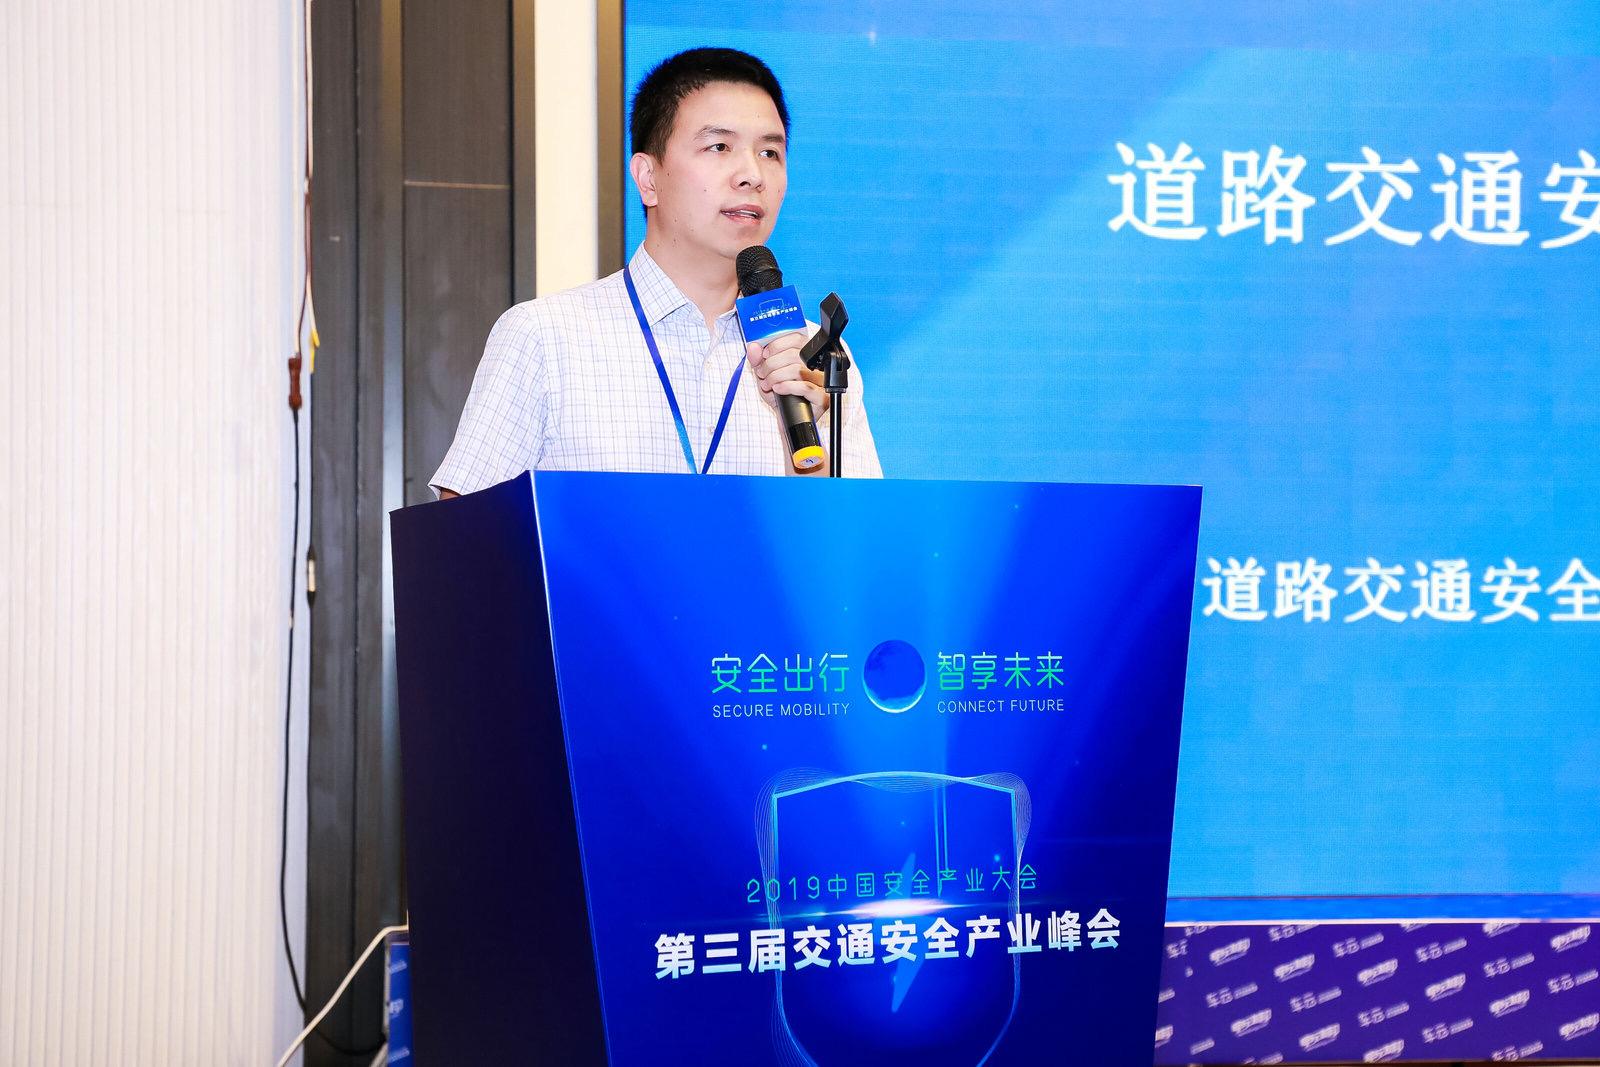 交通运输部公路科学研究院司法鉴定中心主任陈宏云